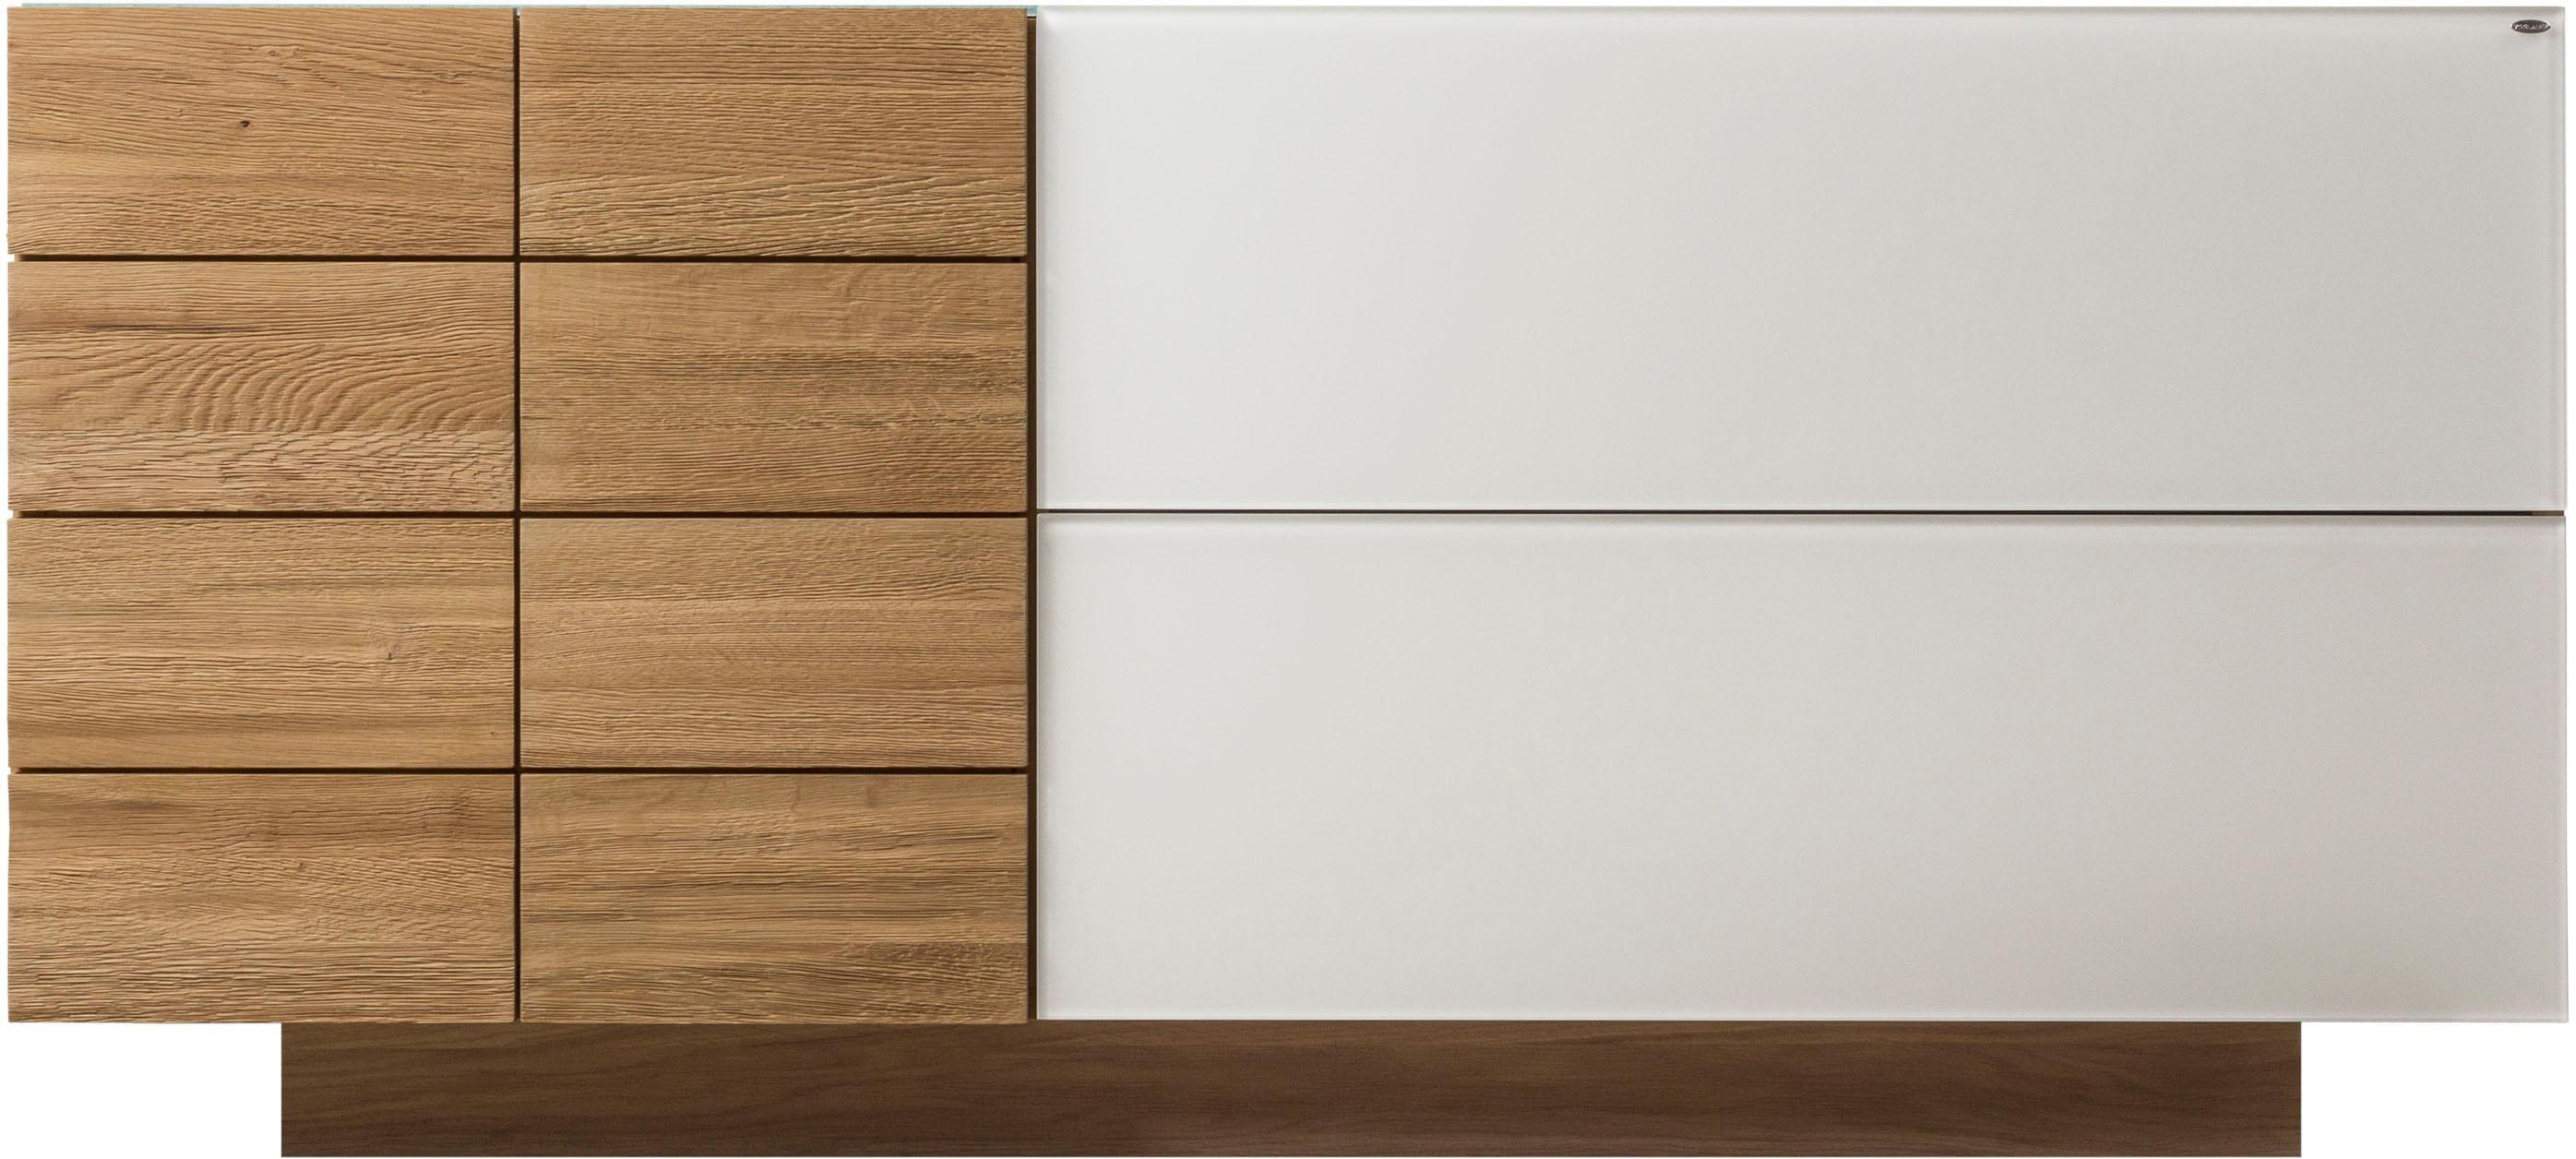 VOGLAUER Sideboard V-MONTANA mit 1 Tür und 2 Schubladen Breite 160 cm